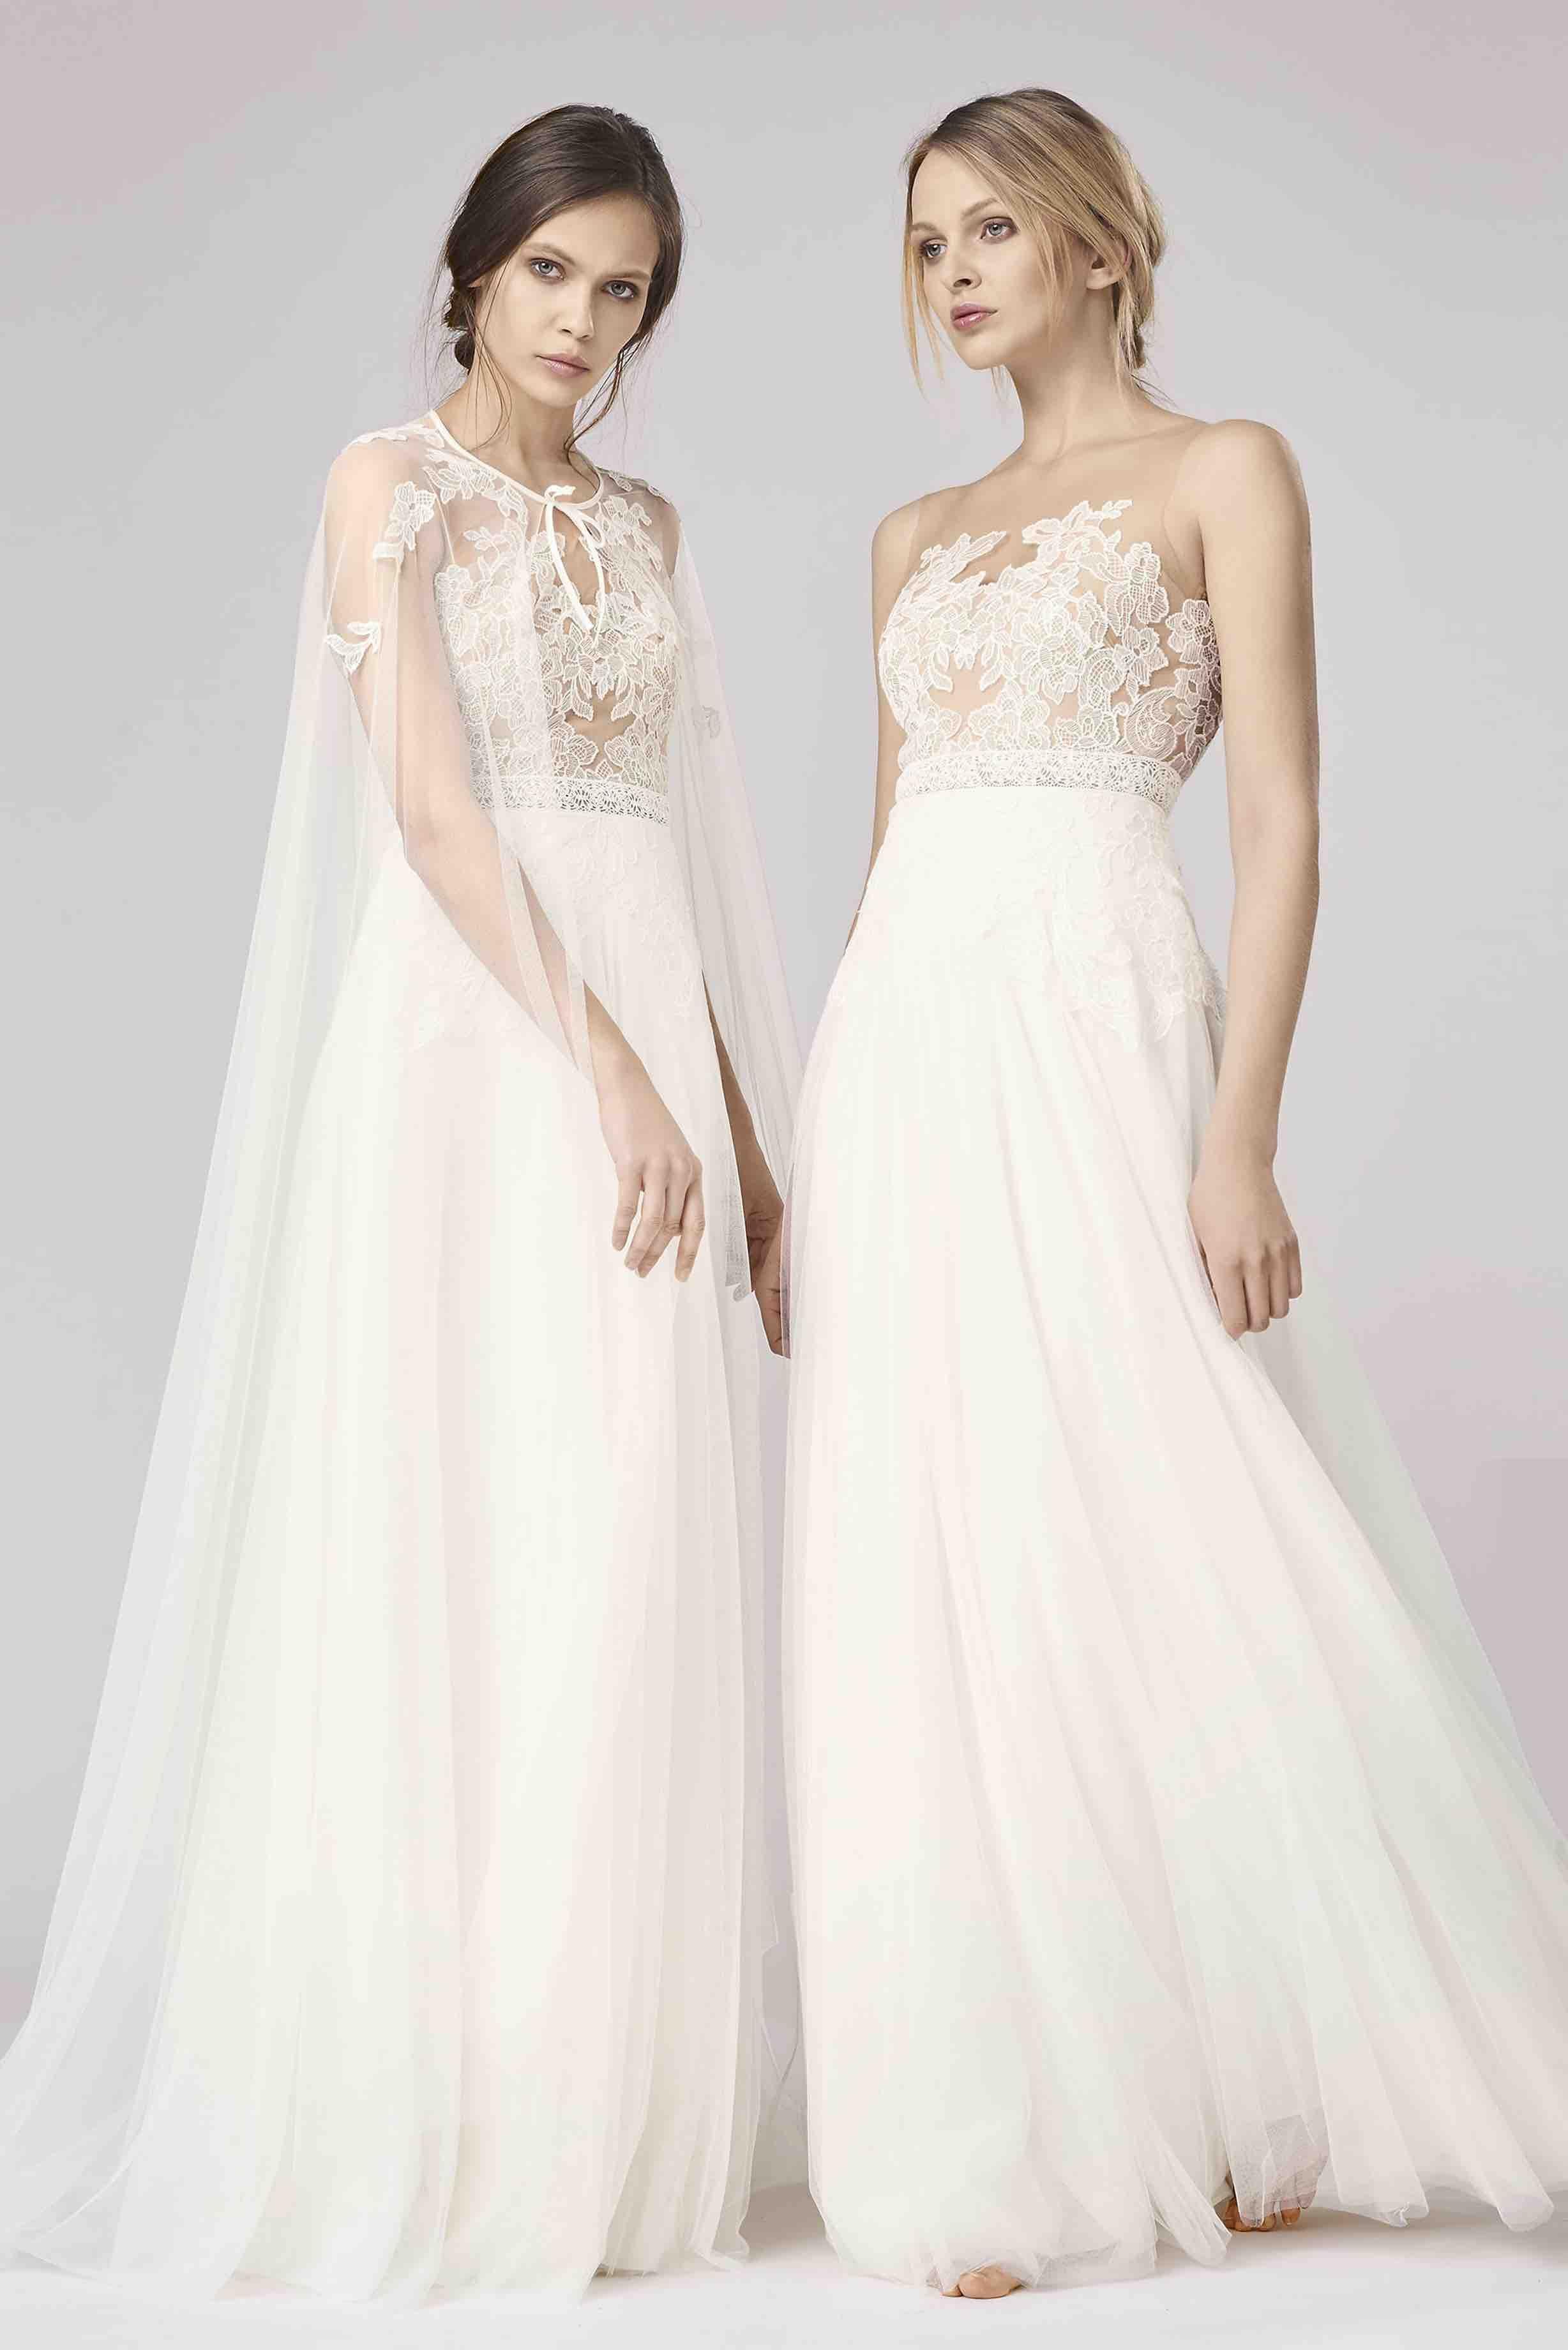 Ziemlich Netted Brautkleider Fotos - Hochzeit Kleid Stile Ideen ...